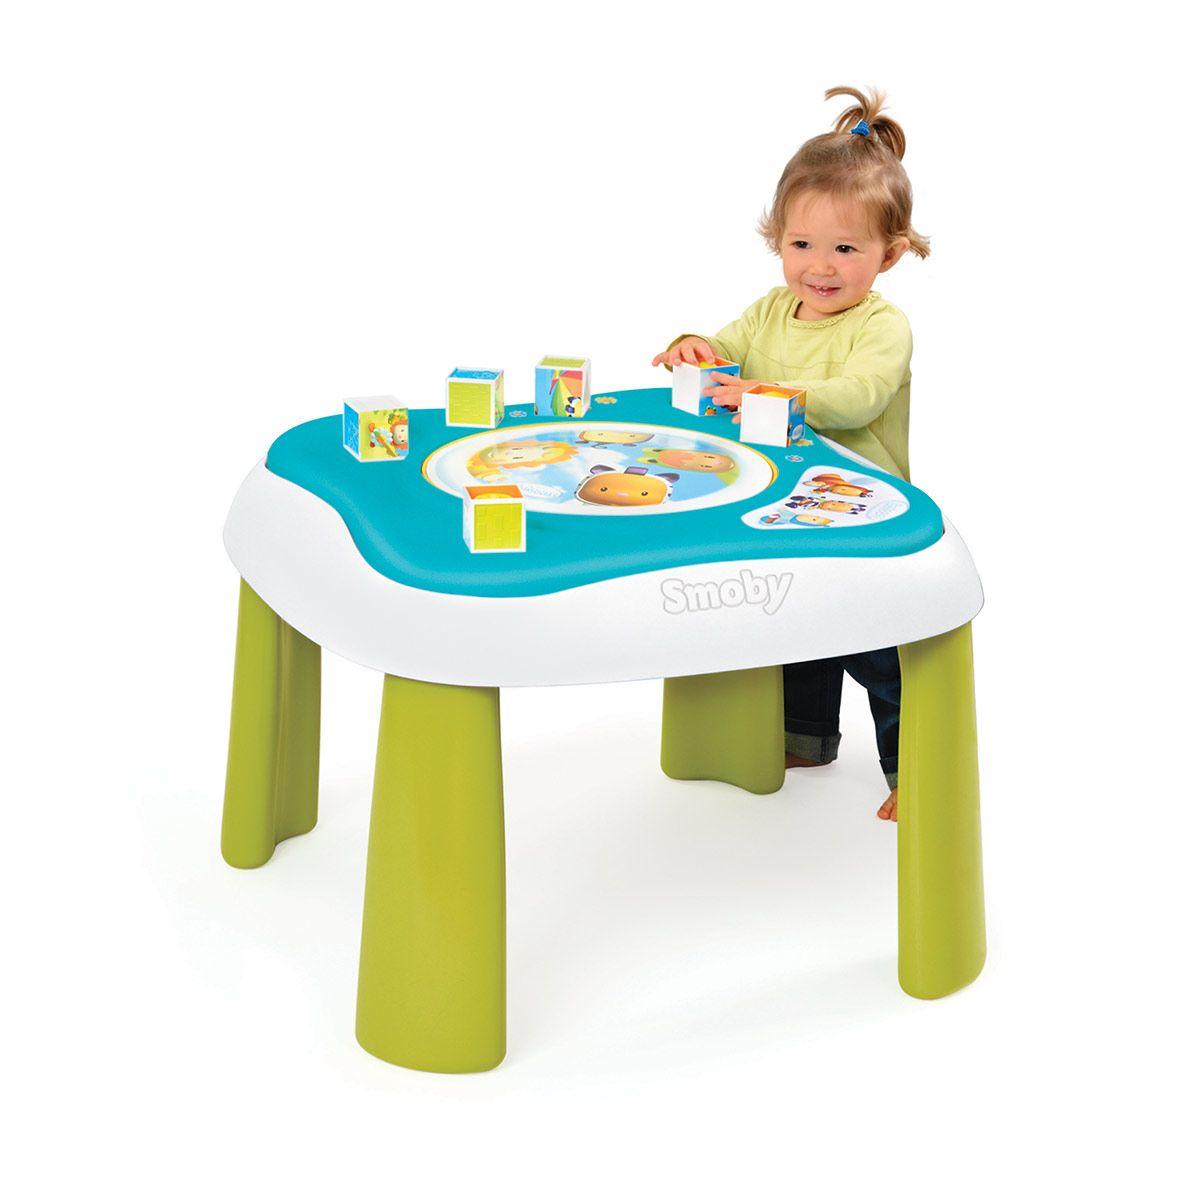 Table D Eveil Youpi Baby Cotoons Jouets D Eveil Et Peluches La